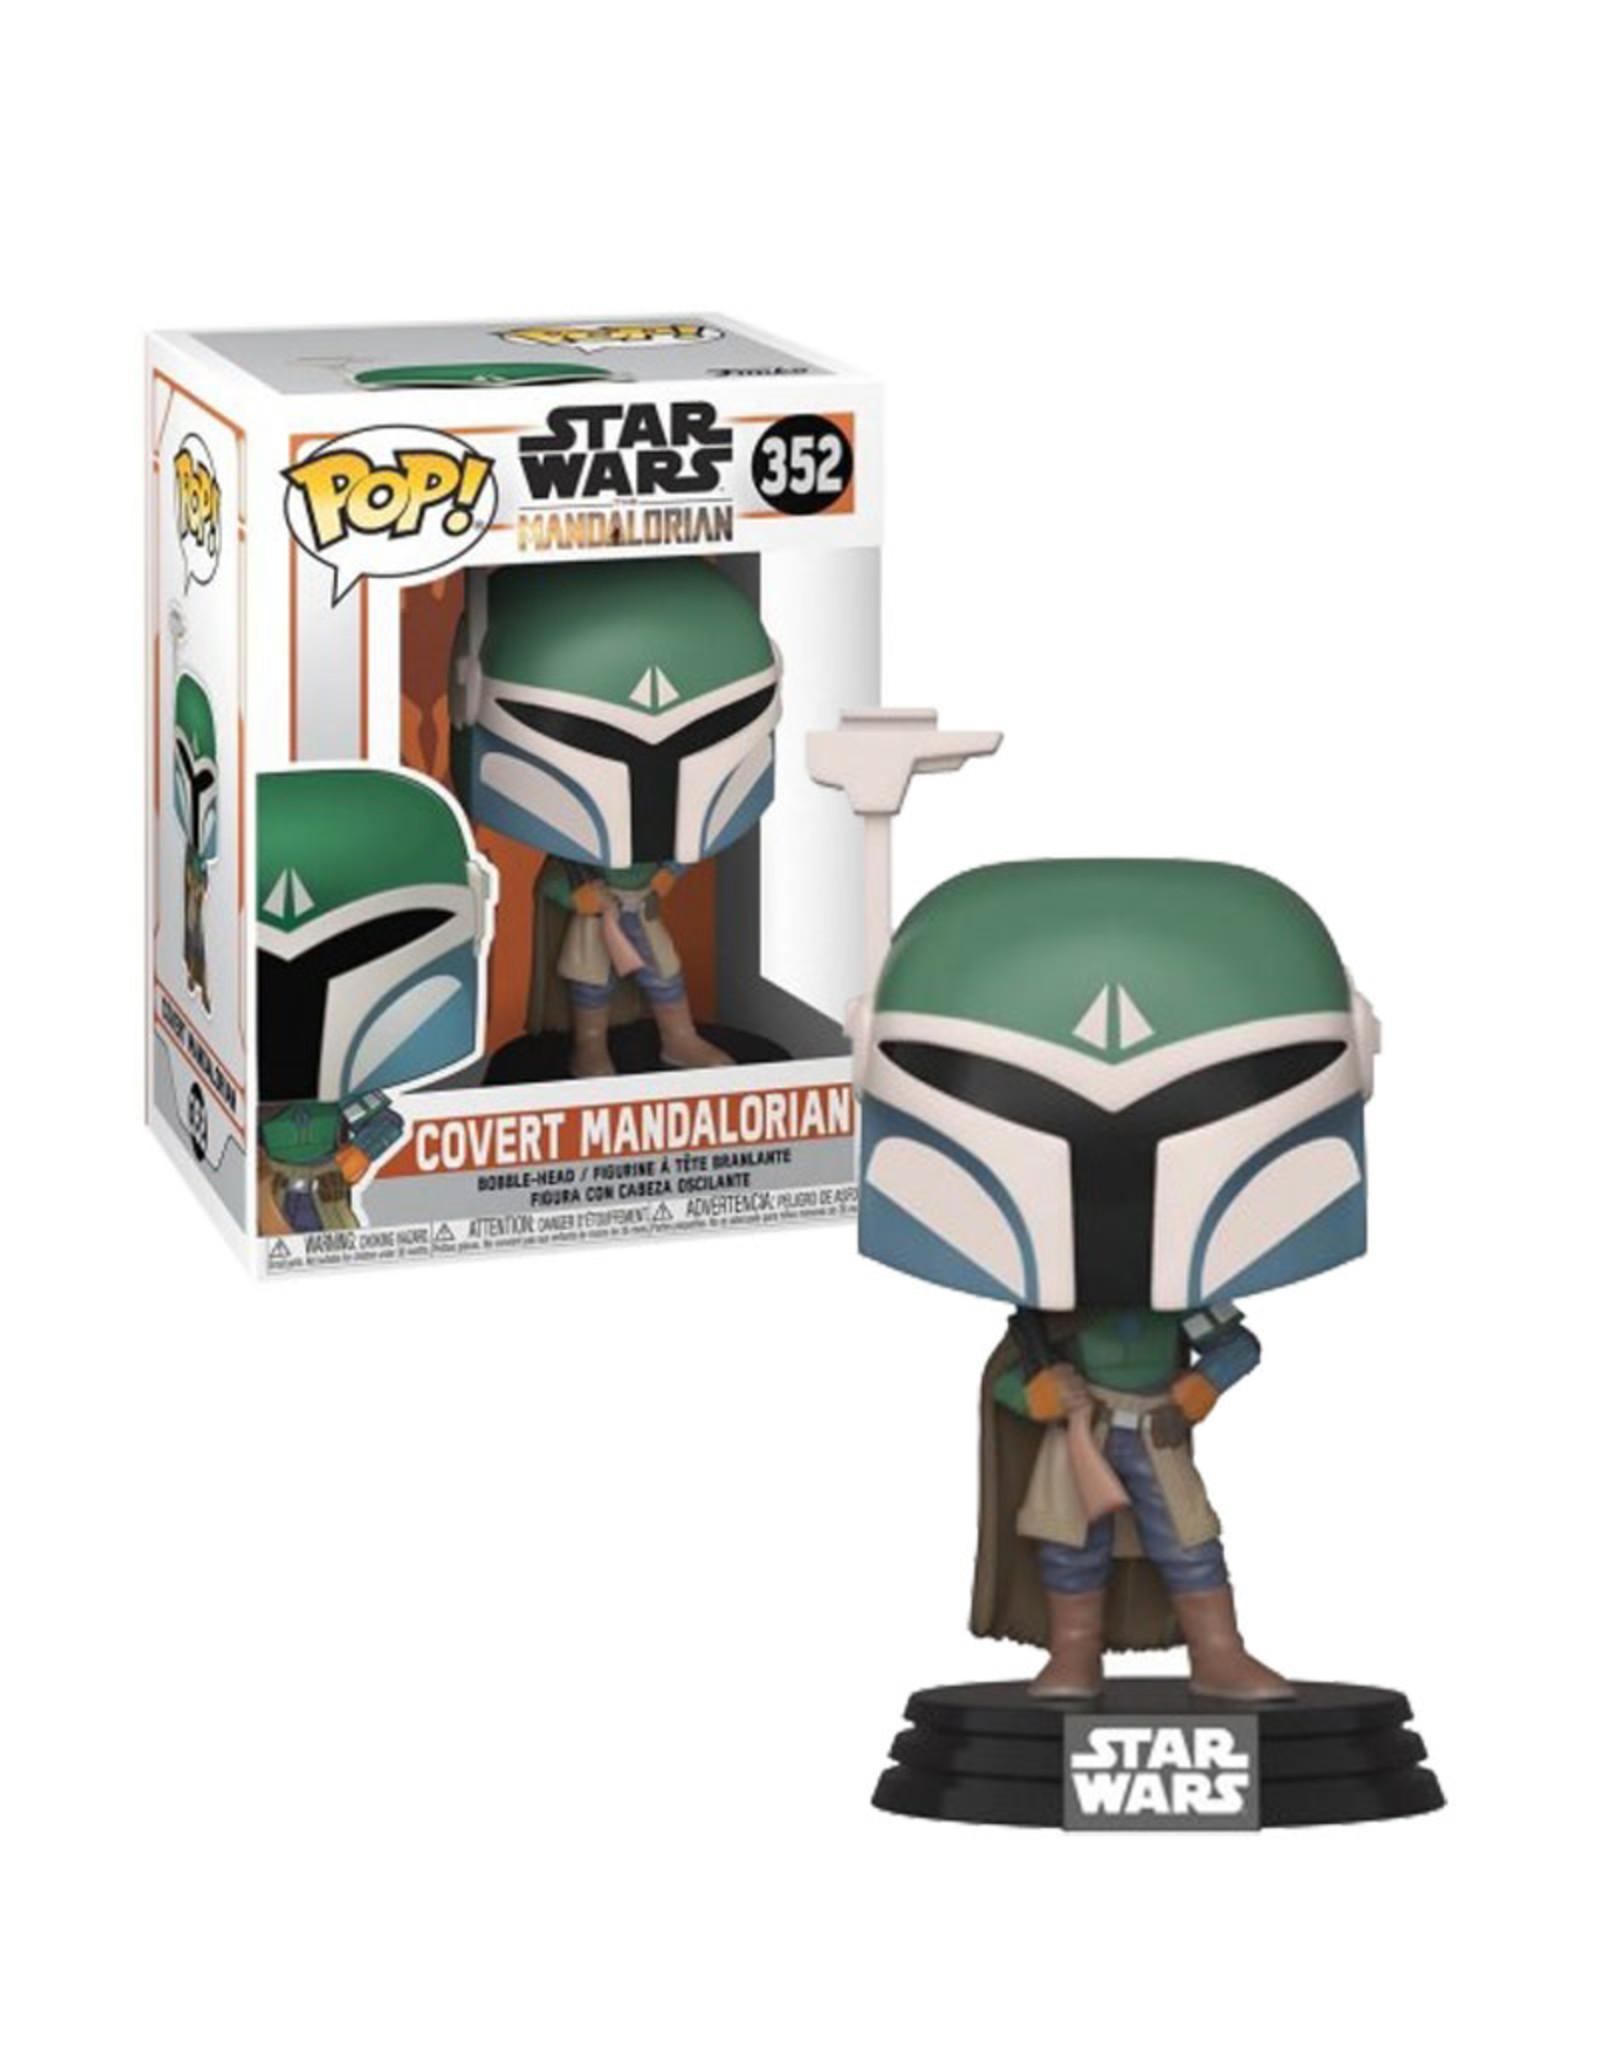 Star Wars Covert Mandalorian 352 ( Funko Pop ) Mandalorian